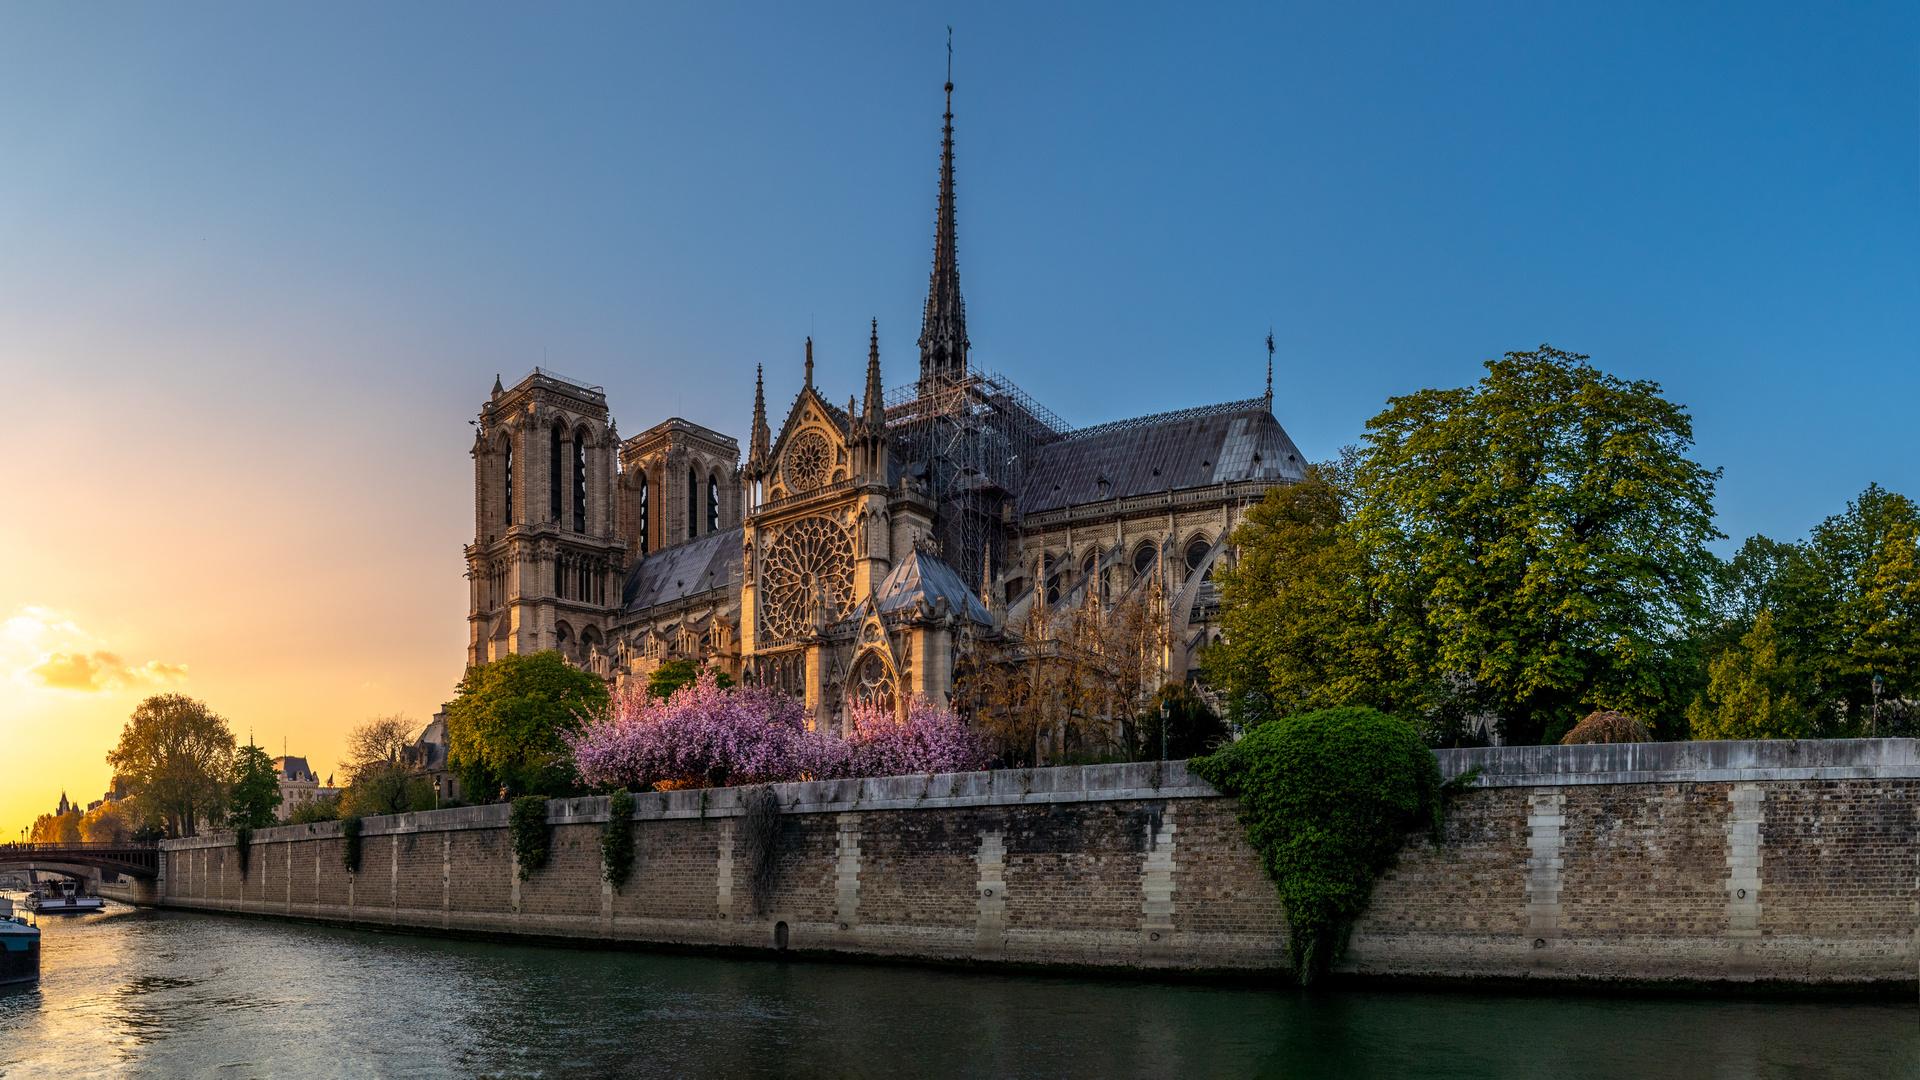 город, река, франция, париж, вечер, сена, собор, храм, архитектура, нотр дам де пари